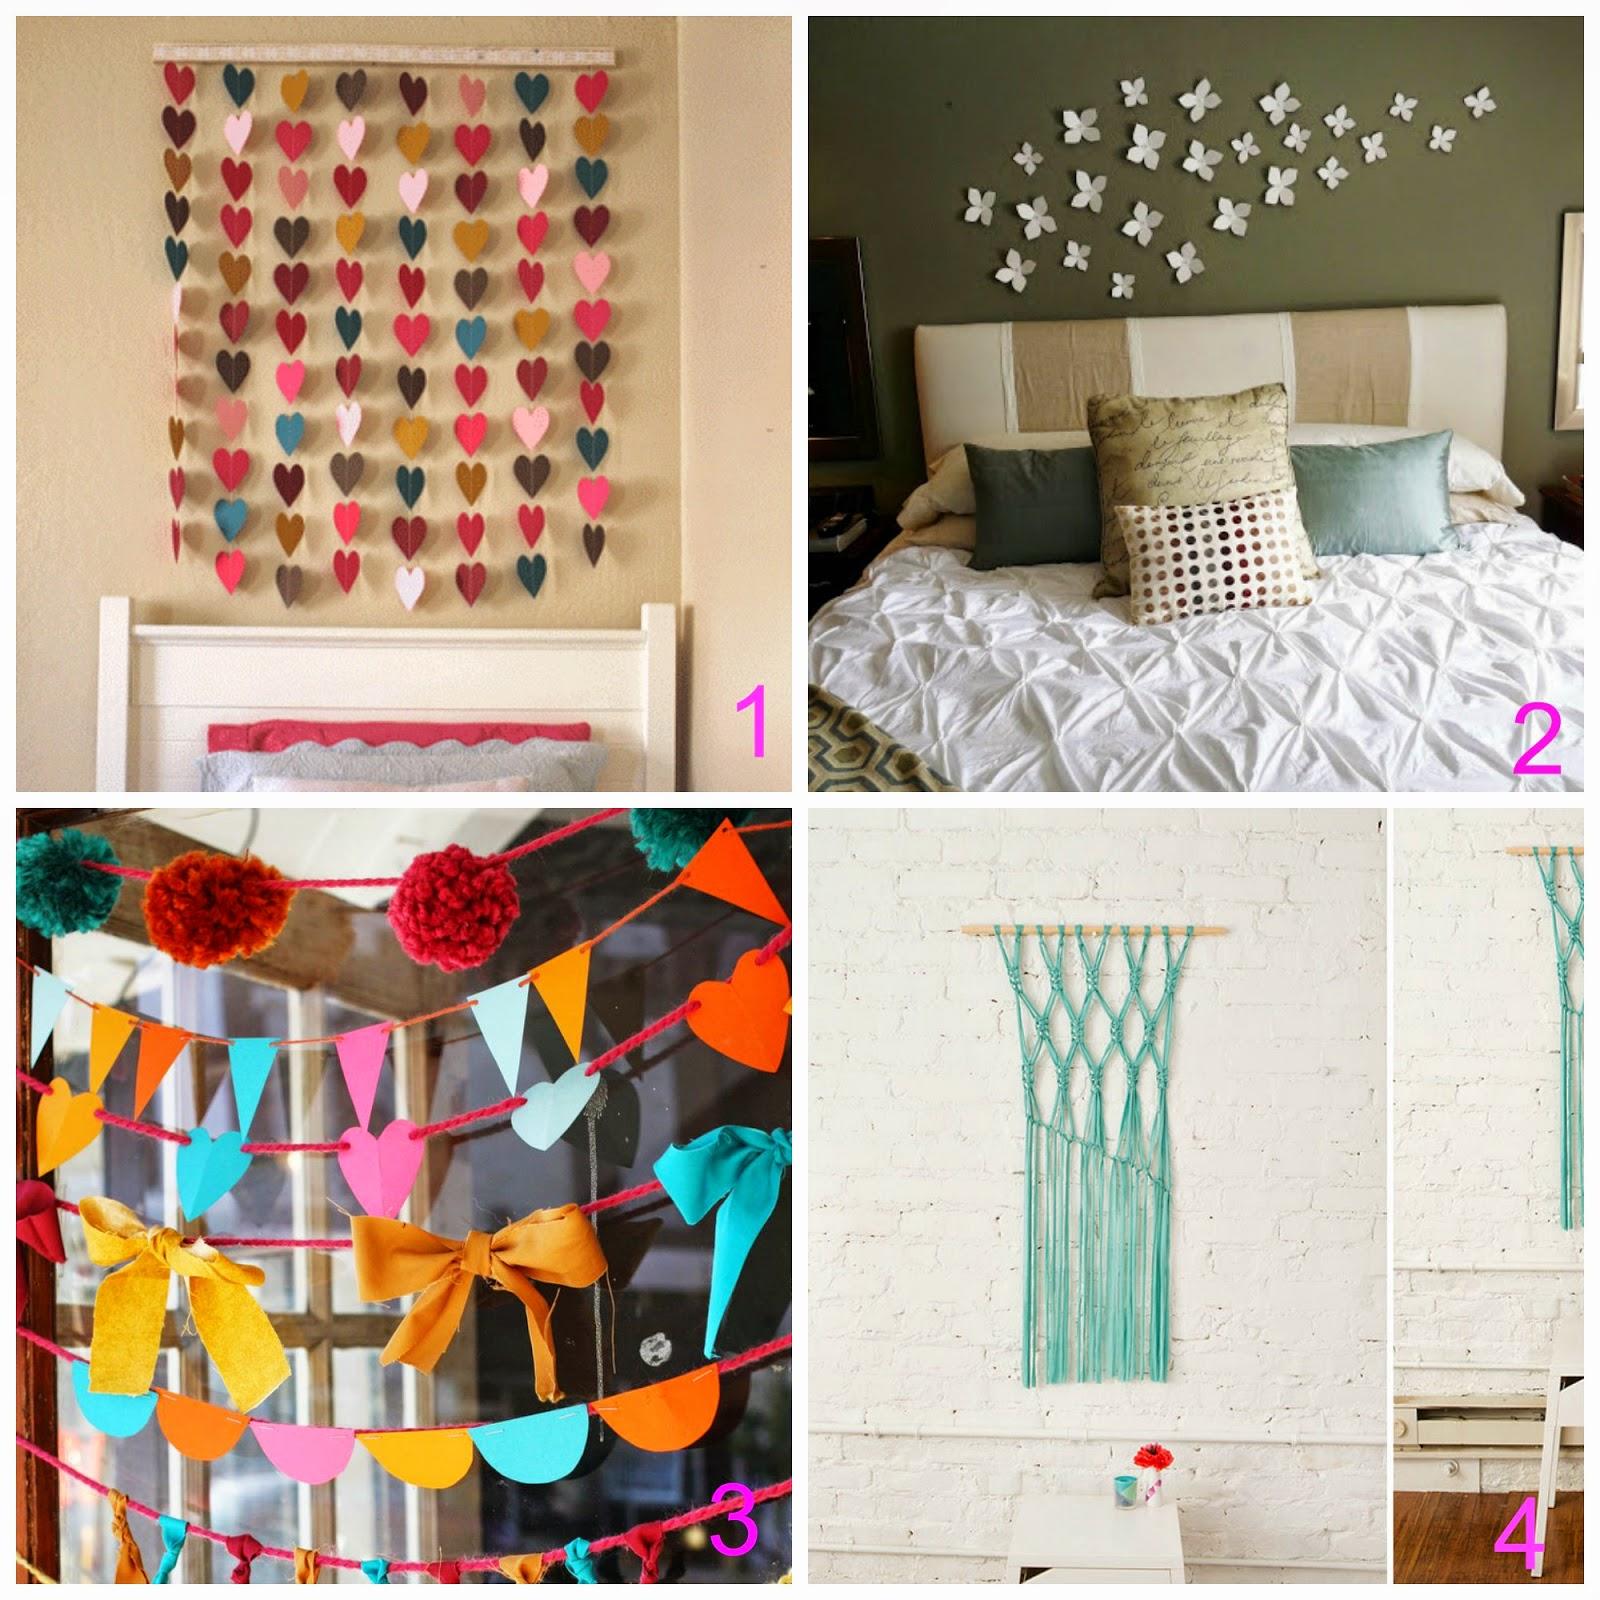 7 idee primaverili fai da te per decorare casa col riciclo - Idee per decorare una stanza ...